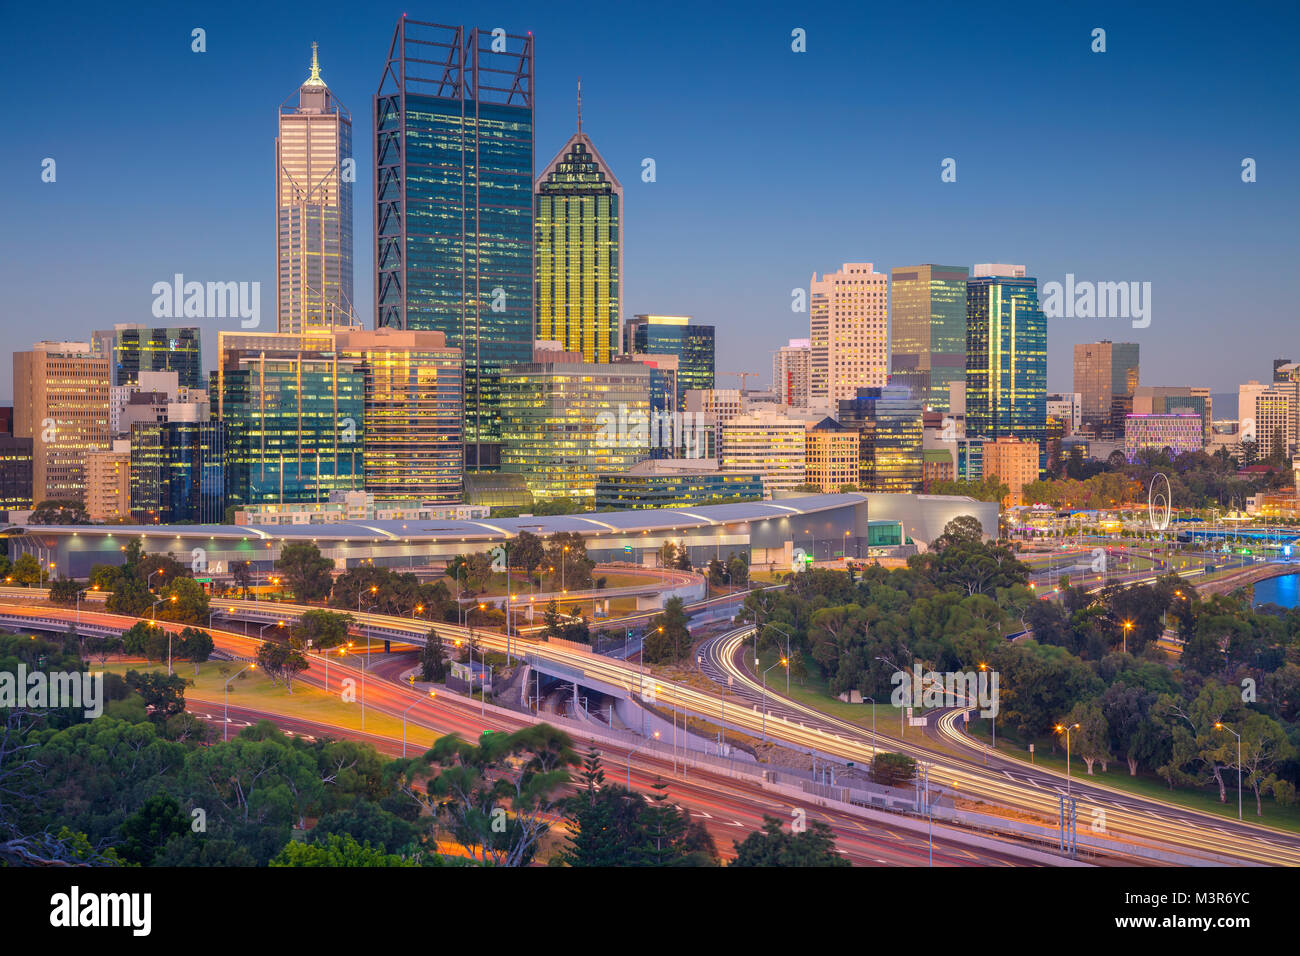 Perth. Cityscape immagine dello skyline di Perth, Australia durante il tramonto. Immagini Stock